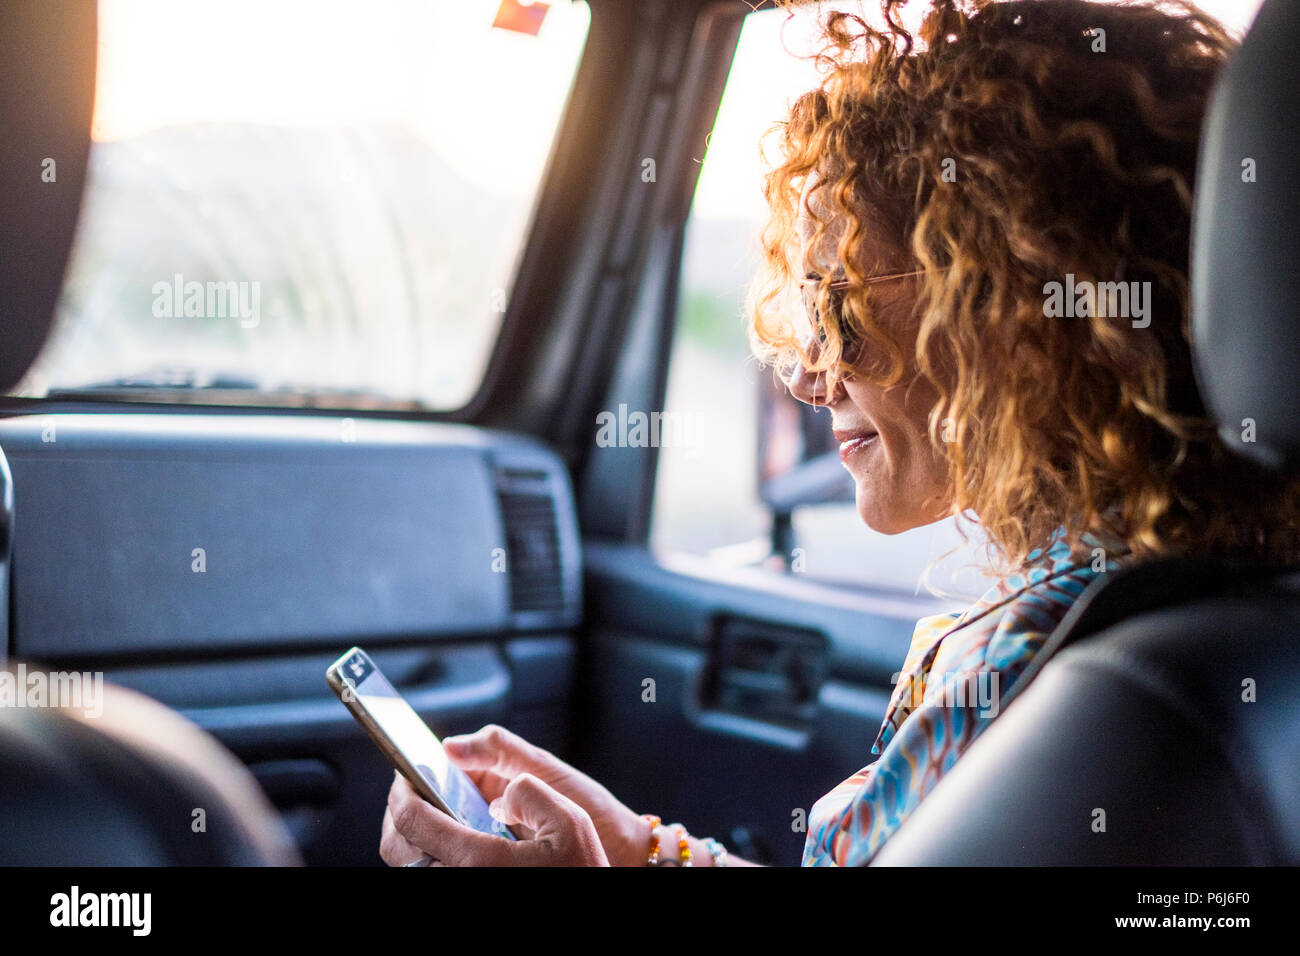 Schönen kaukasischen mittleren Alter lady watch Smartphone social media im Internet zu überprüfen und Freunde zu finden. lesen Sie Nachrichten mithilfe von wifi Technologie tra Stockbild